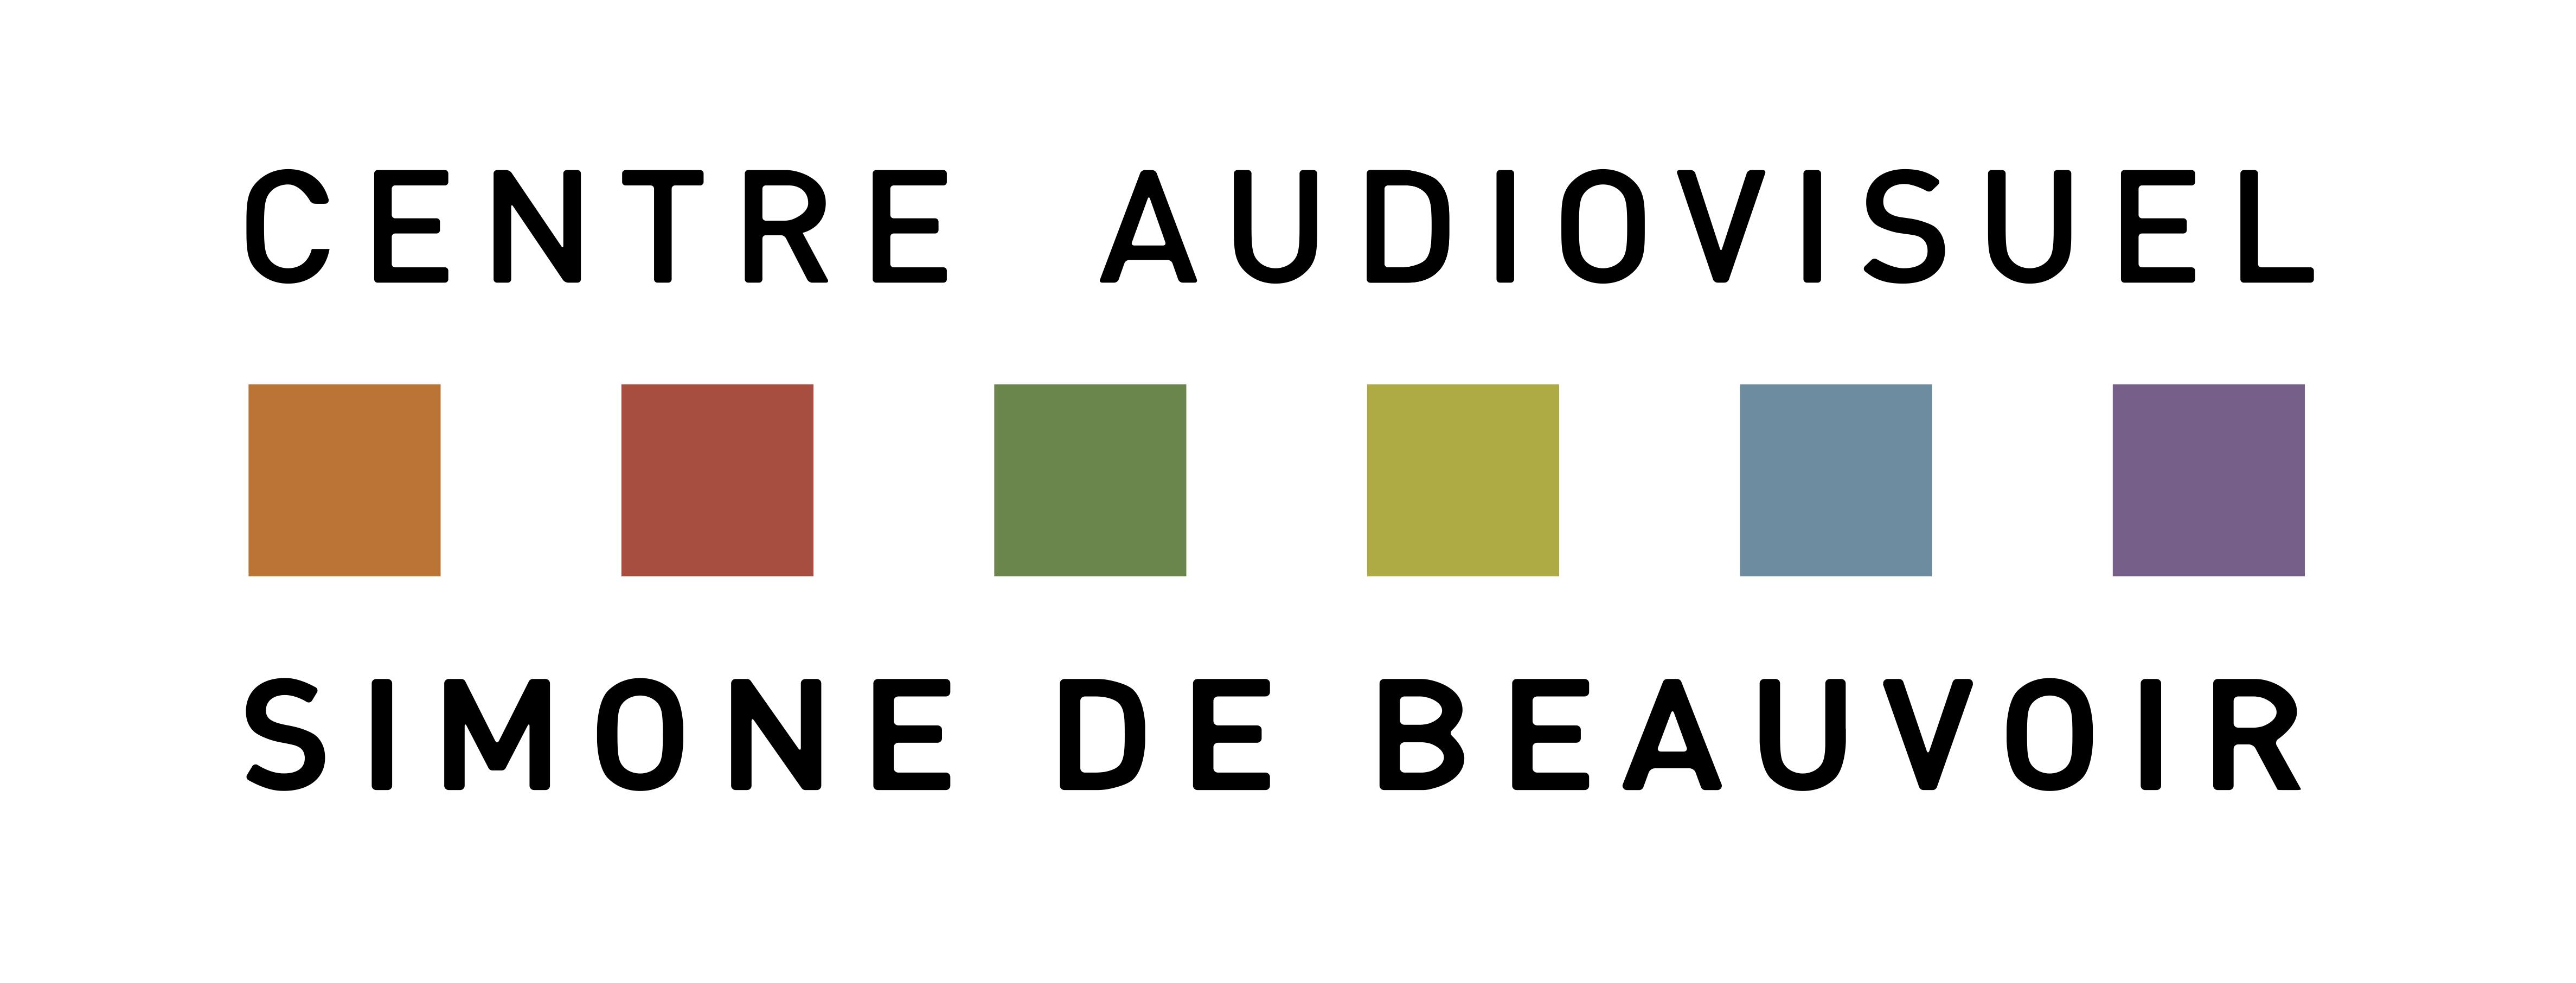 Le centre audiovisuel Simone de Beauvoir